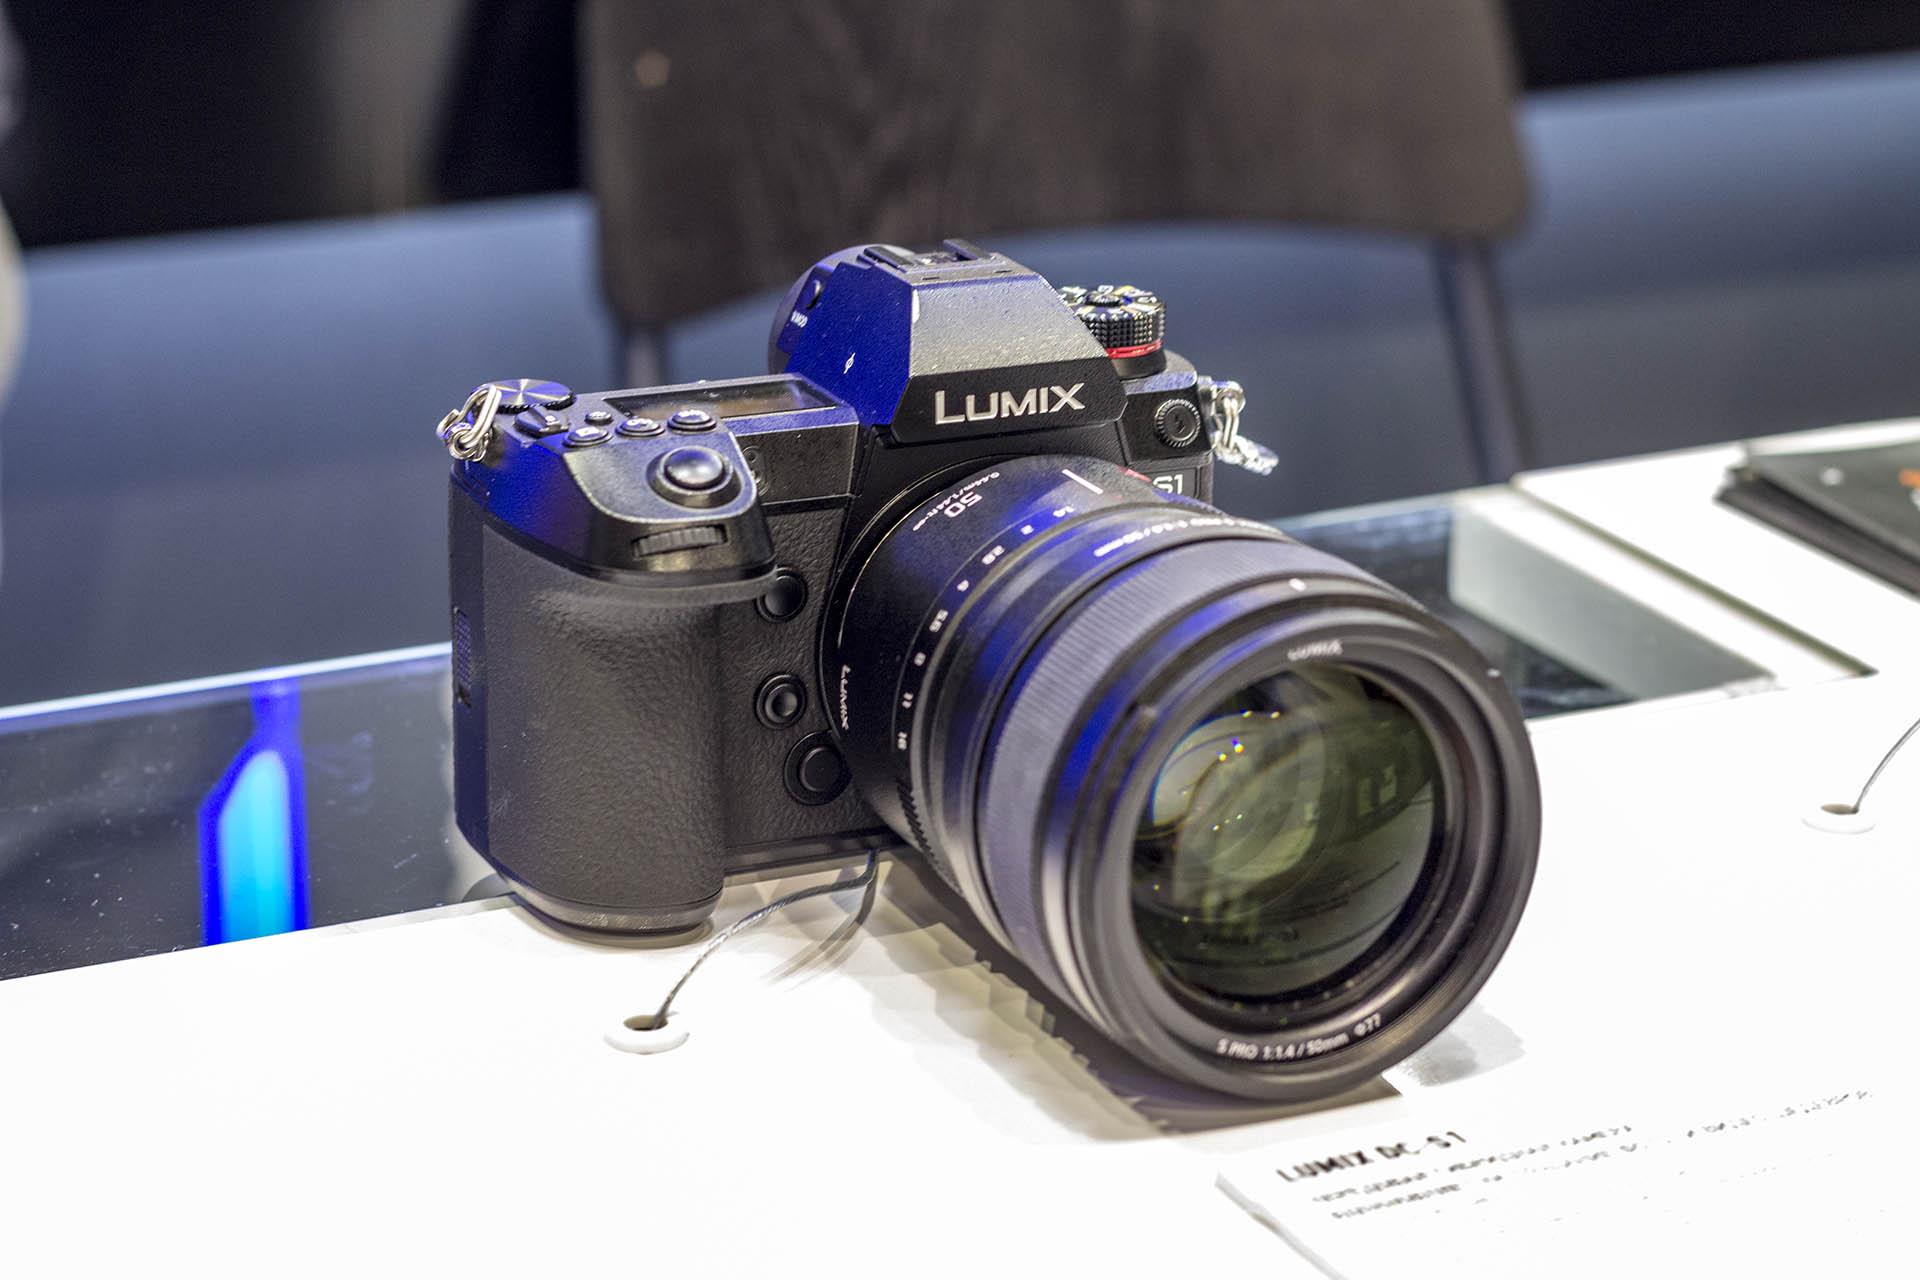 Полнокадровая беззеркальная камера Panssonic S1 на Фото Форуме 2019